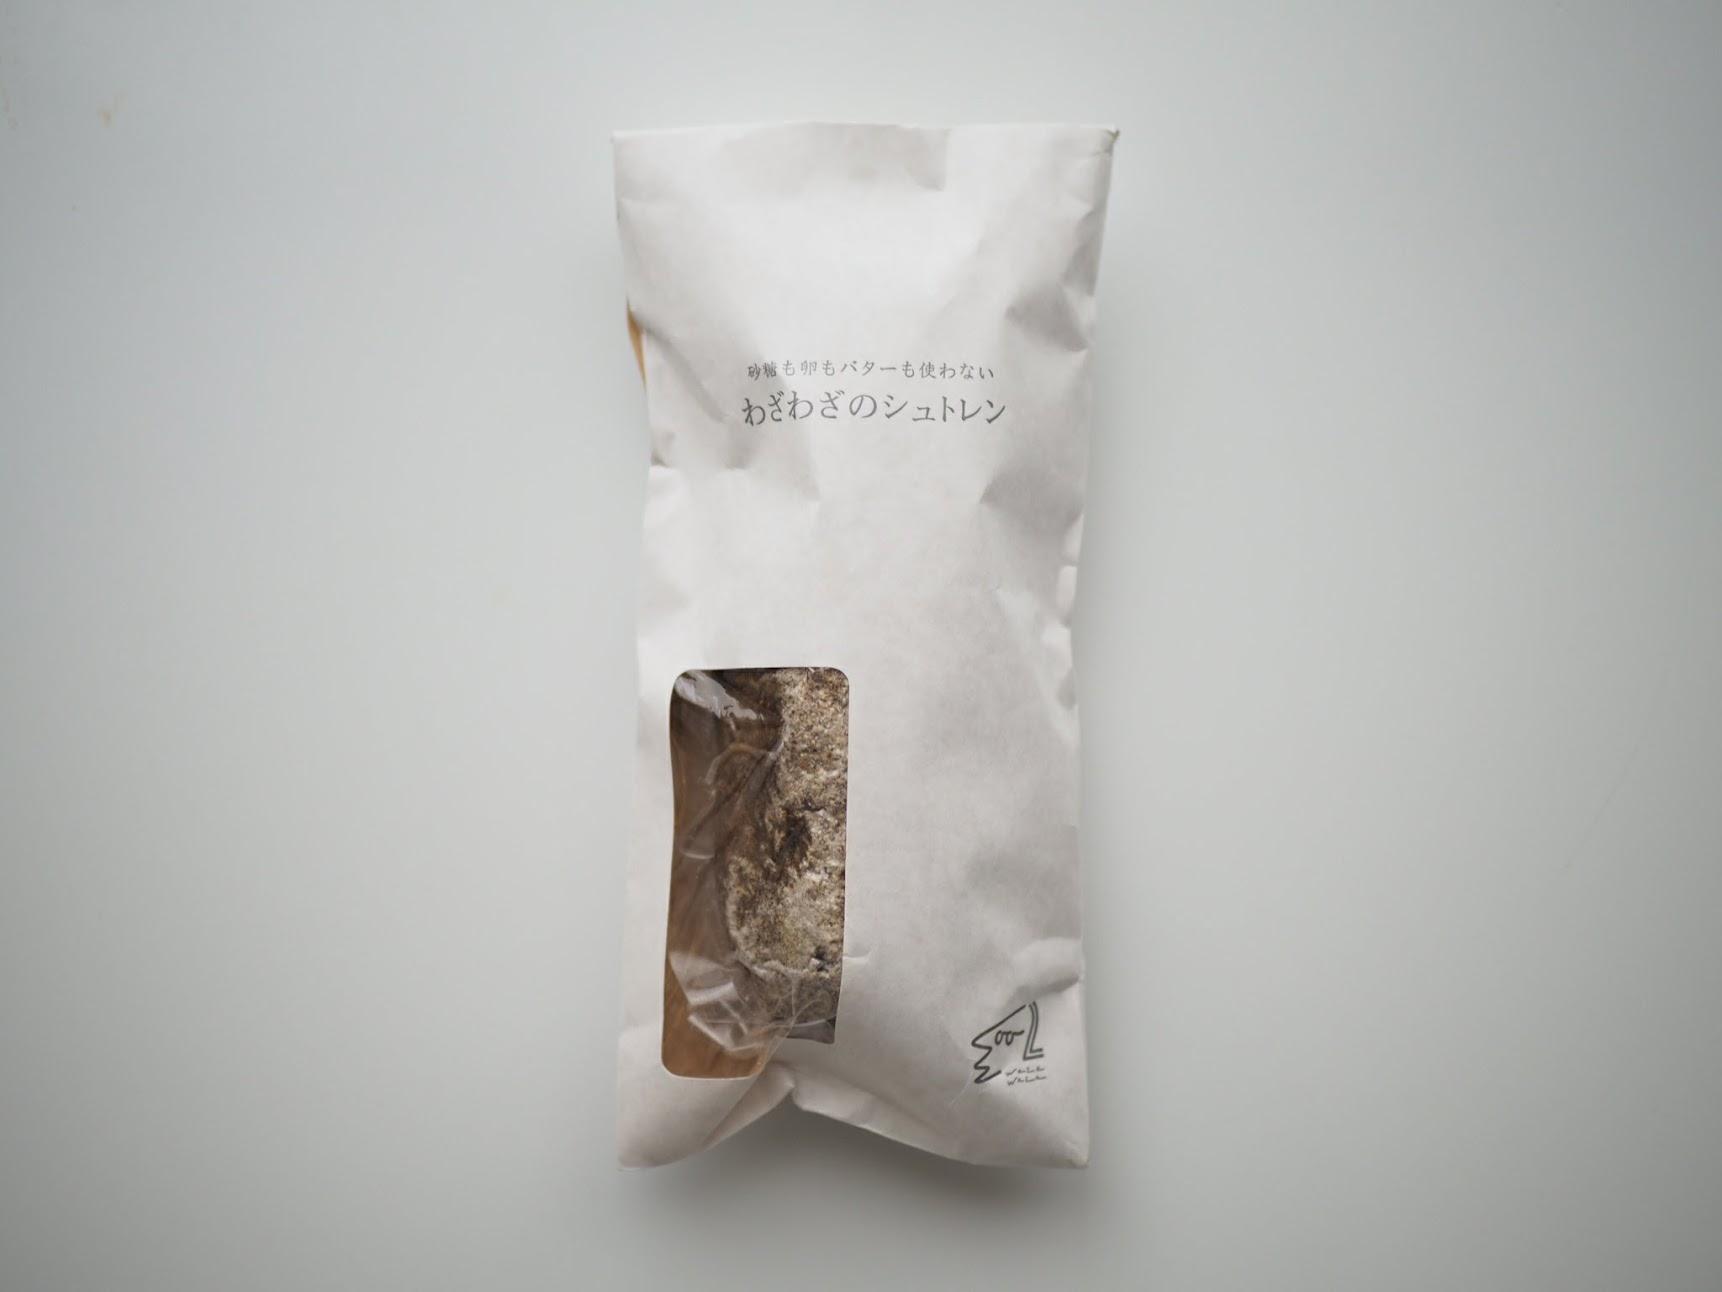 シュトレンの袋